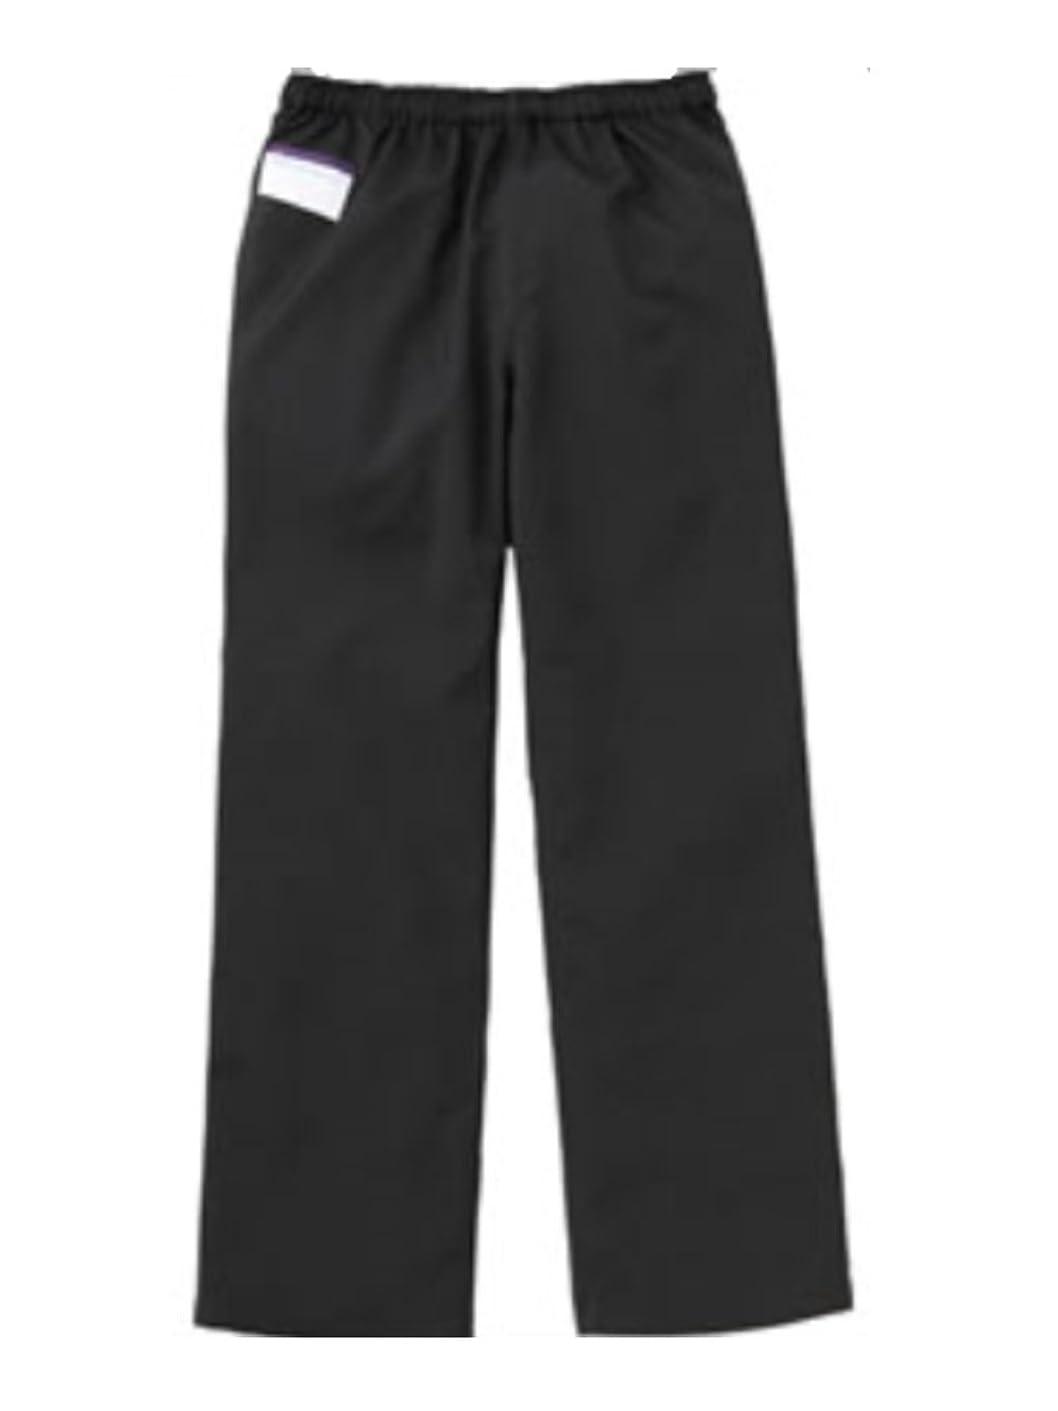 箱読書マントル(カゼン) KAZEN AP-RON アプロン 男女兼用 手術衣 スラックス パンツ 155